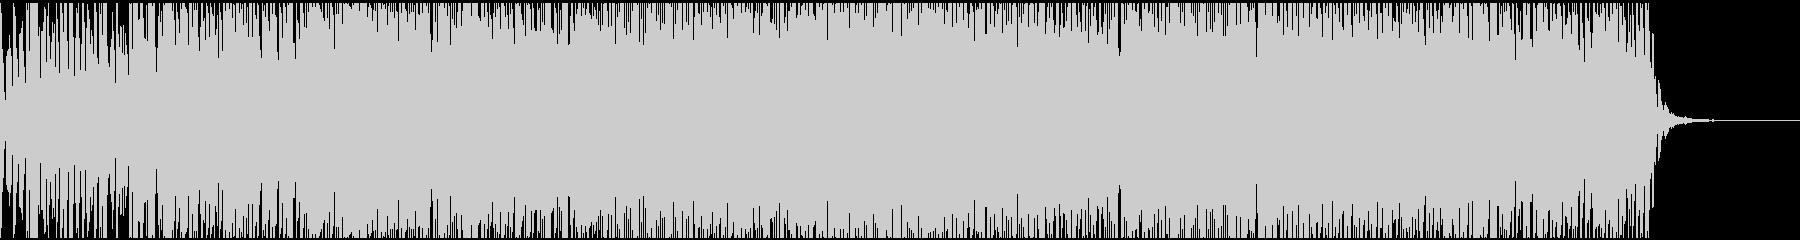 競争(競技)のイメージの未再生の波形